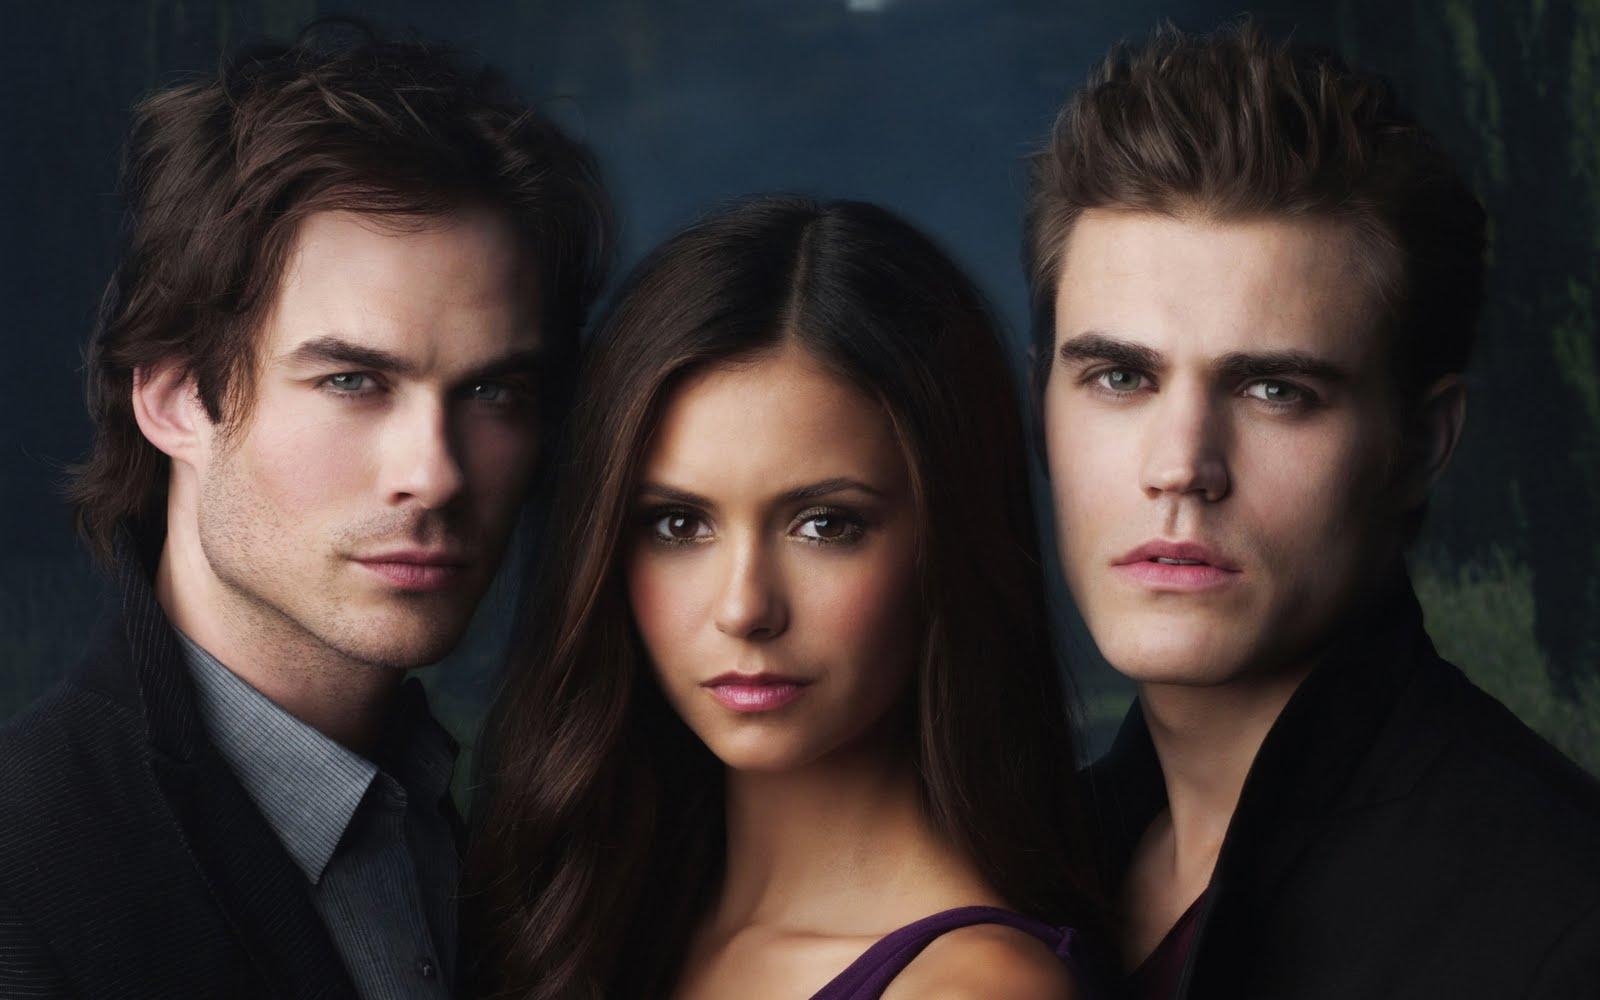 http://1.bp.blogspot.com/-nSx1zG8I1h8/TVQx0Ja-eCI/AAAAAAAAAMM/V8ZAl9M4n-I/s1600/The-Vampire-Diaries-Wallpaper.jpg